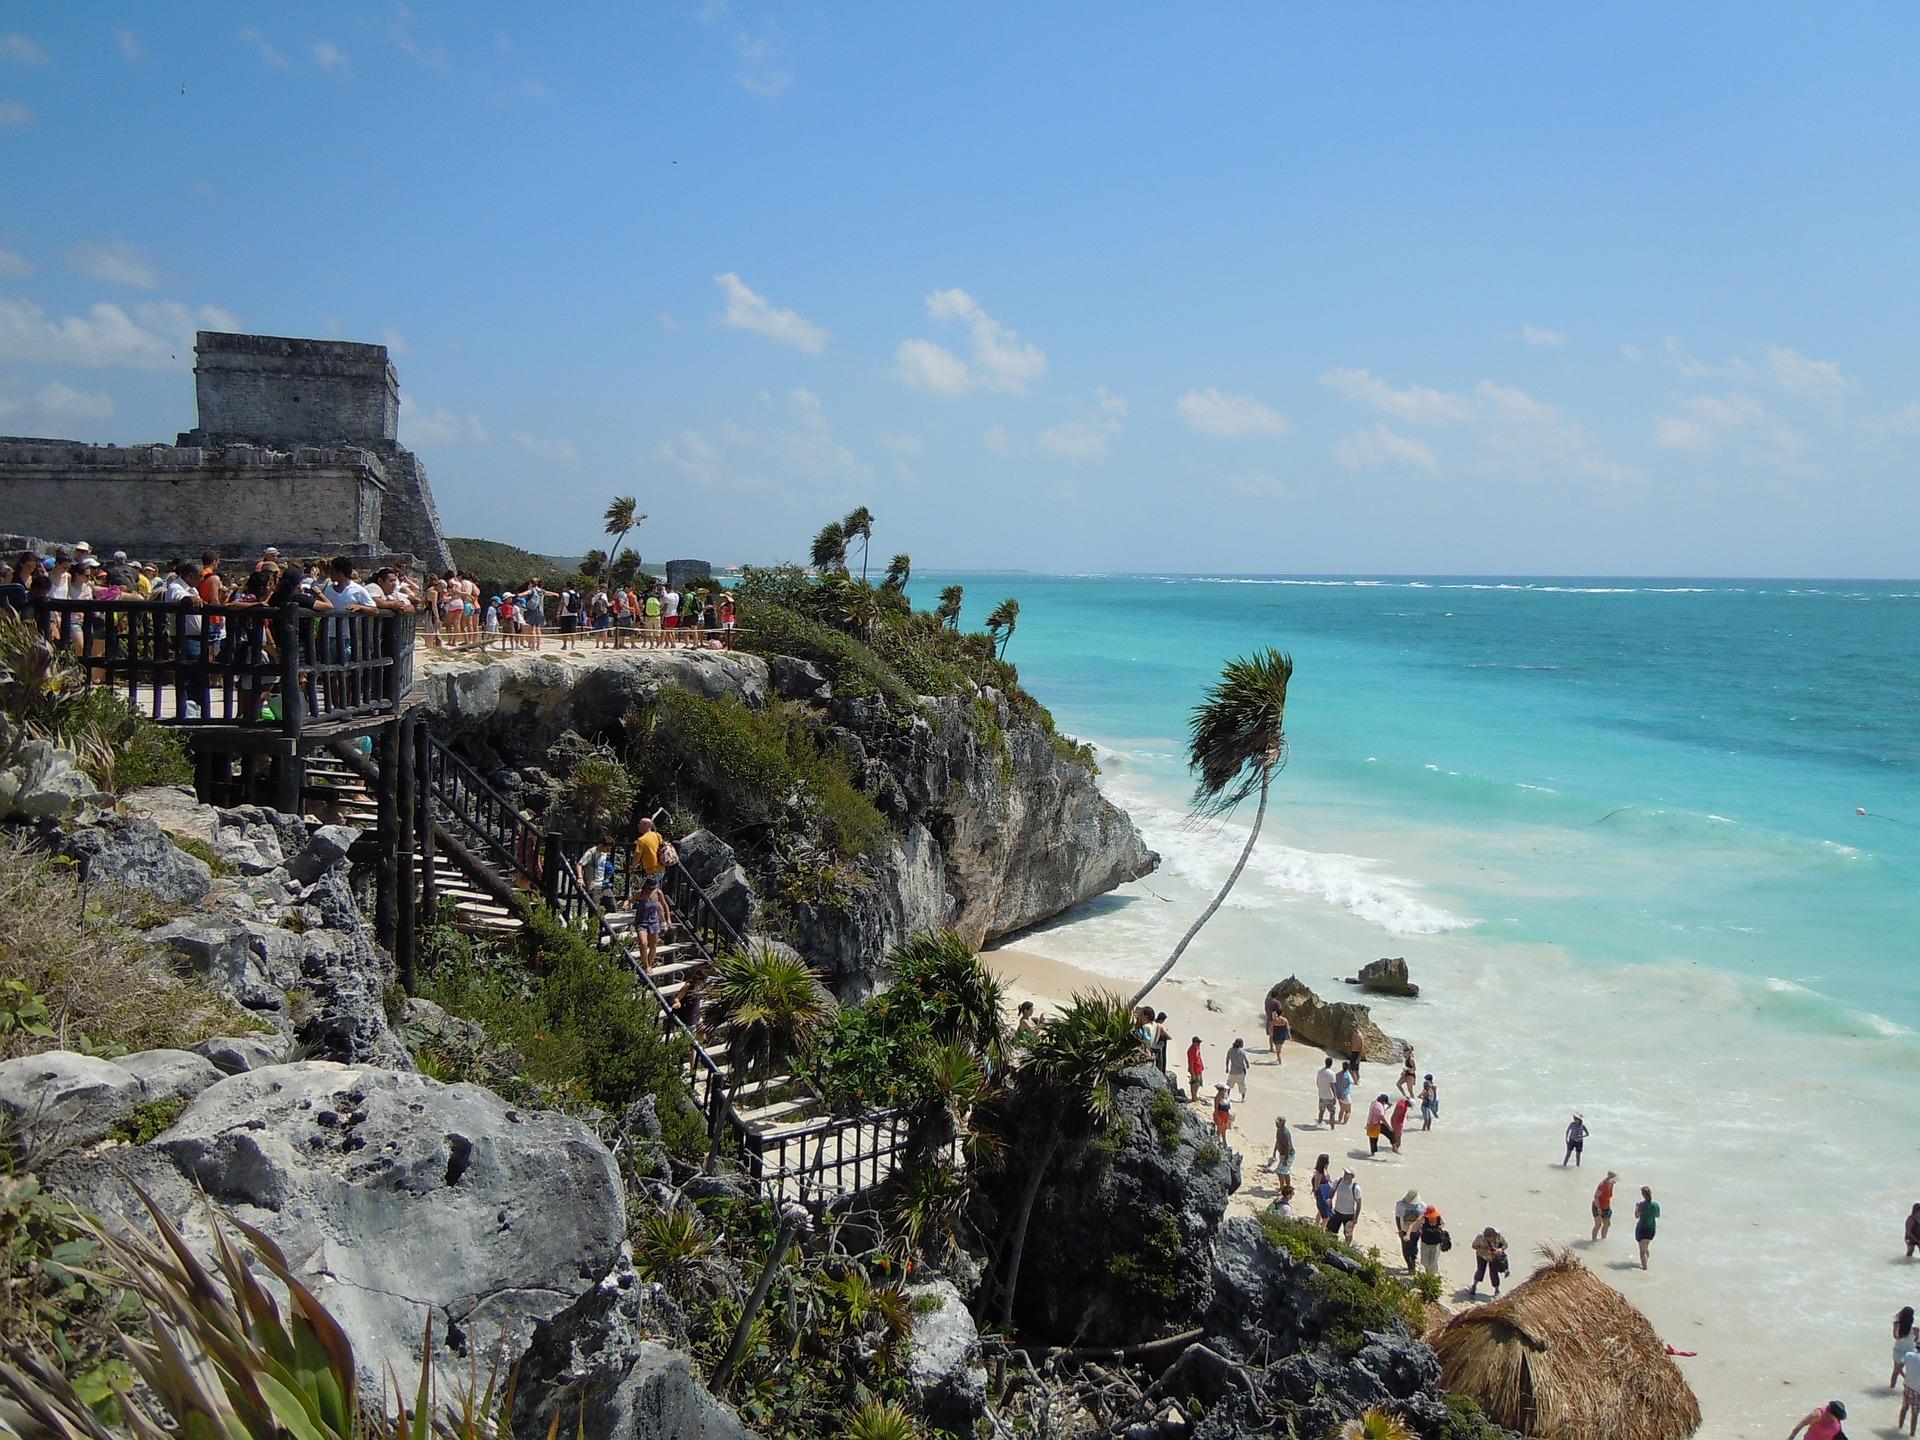 Riviera Maya reporta ocupación por arriba del 60%